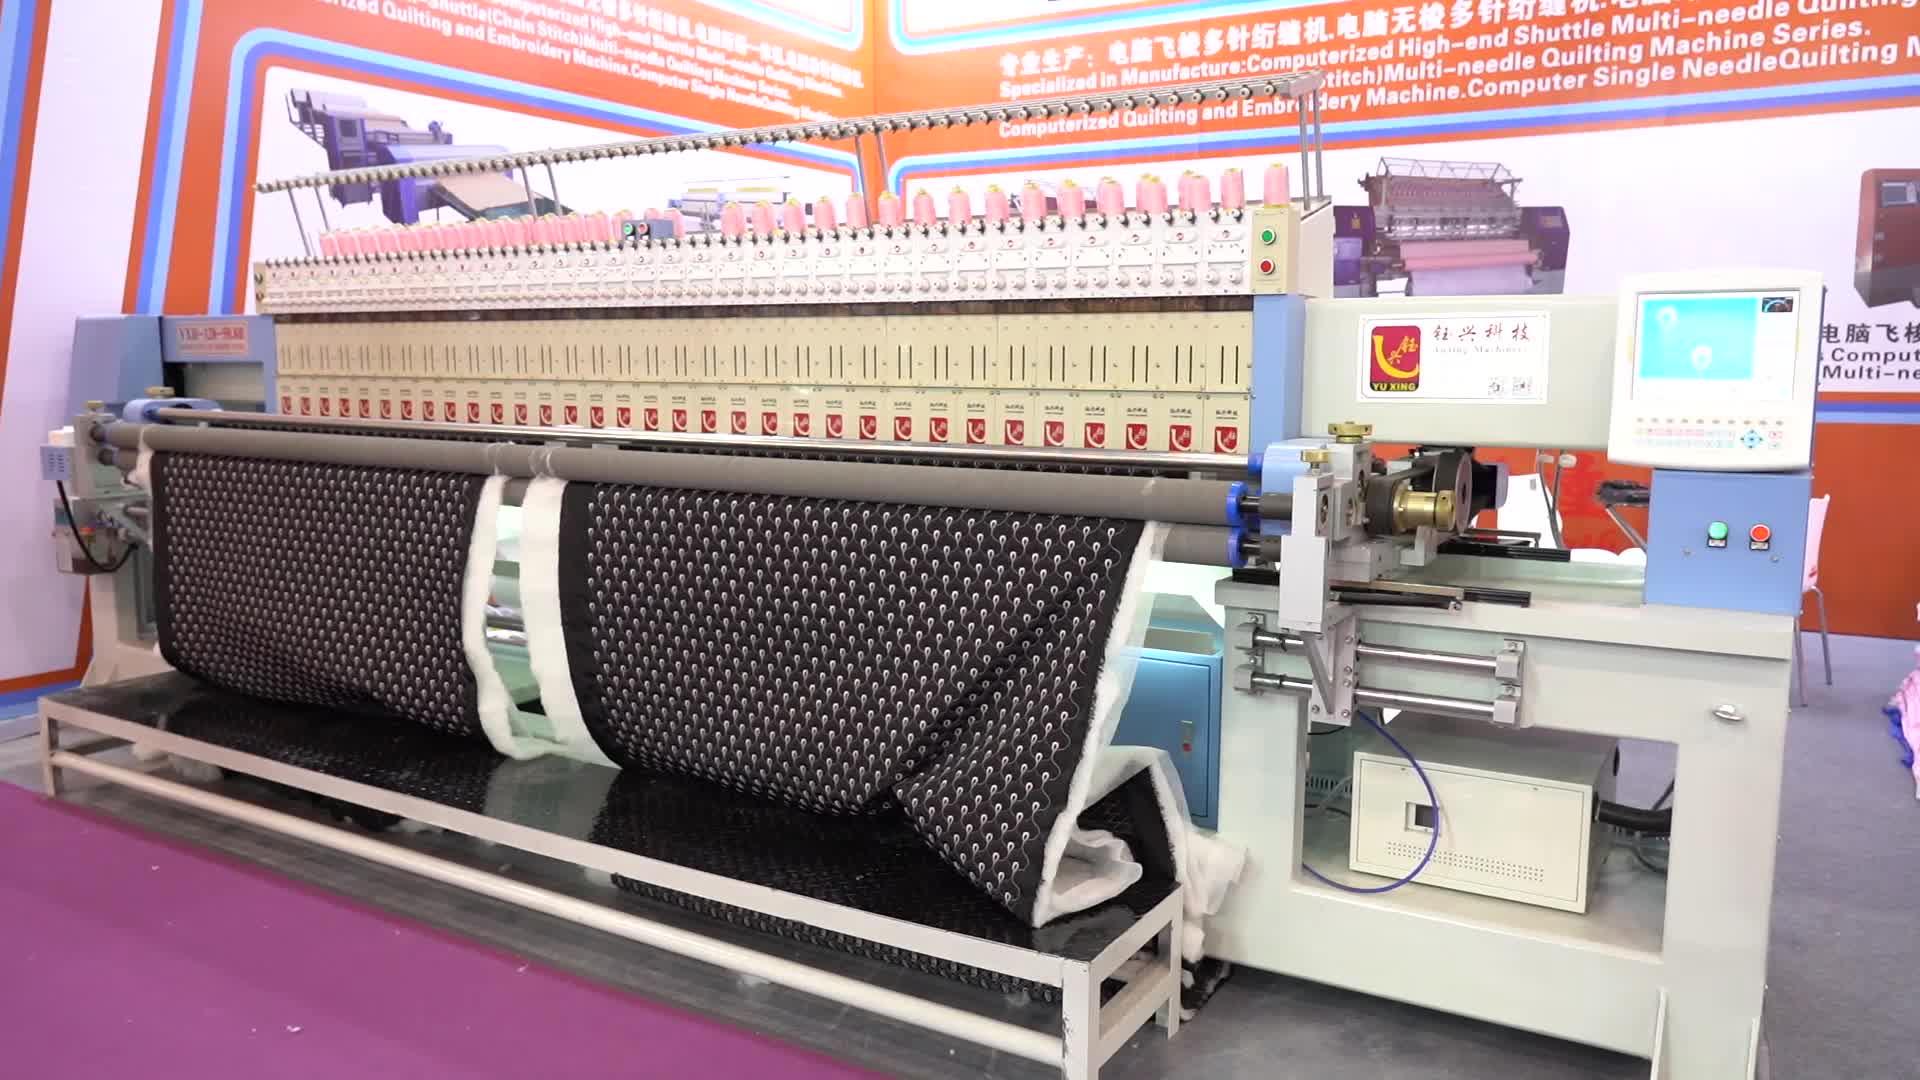 Máquina de bordar computadorizada Multi-cabeça Máquina Estofando do Bordado para o cobertor